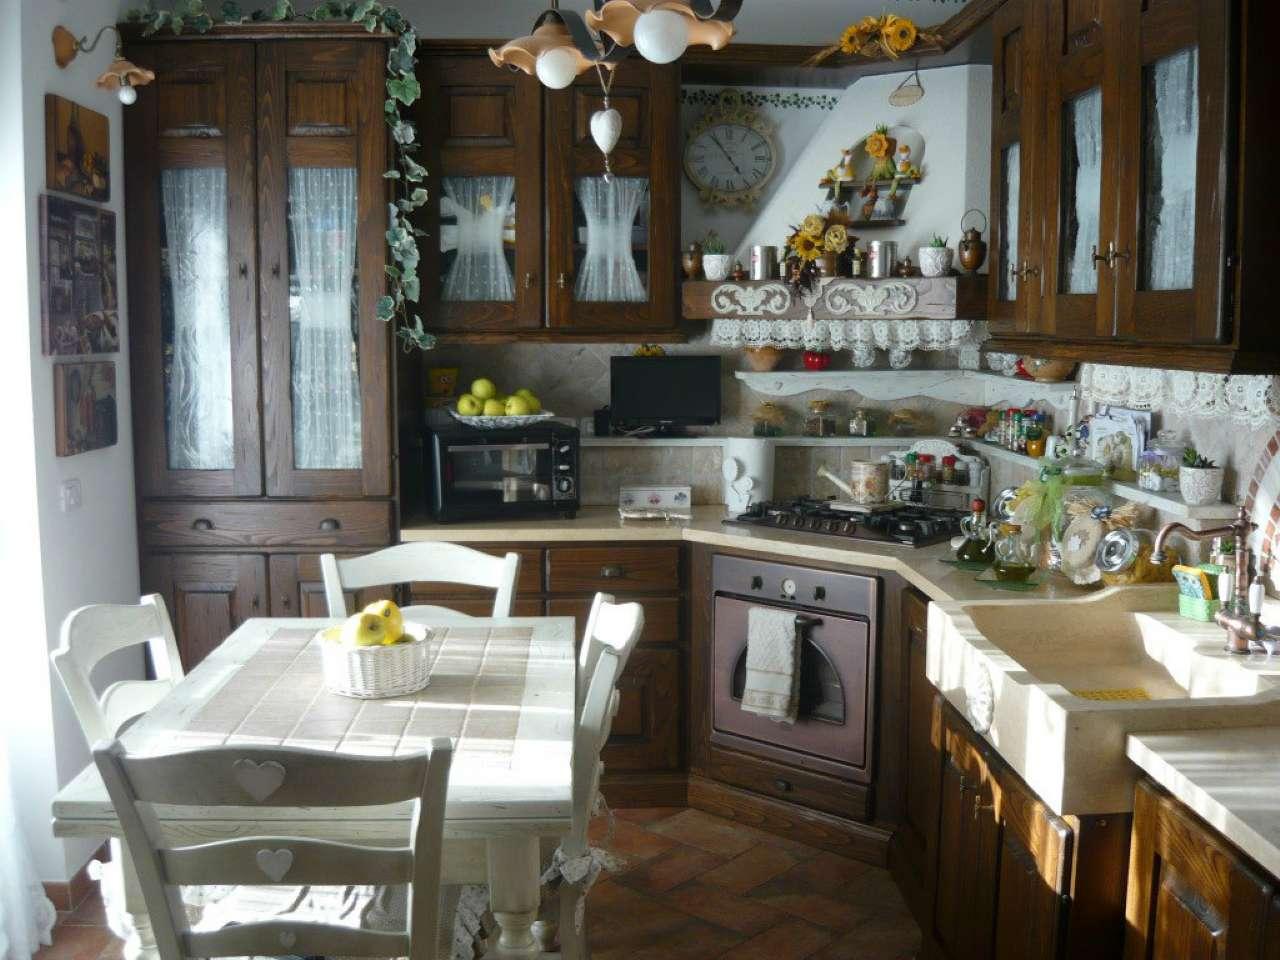 Albinia- Appartamento nuovo con 2 camere, bagno, cucina, soggiorno, garage, cantina.  Rif. 10/A